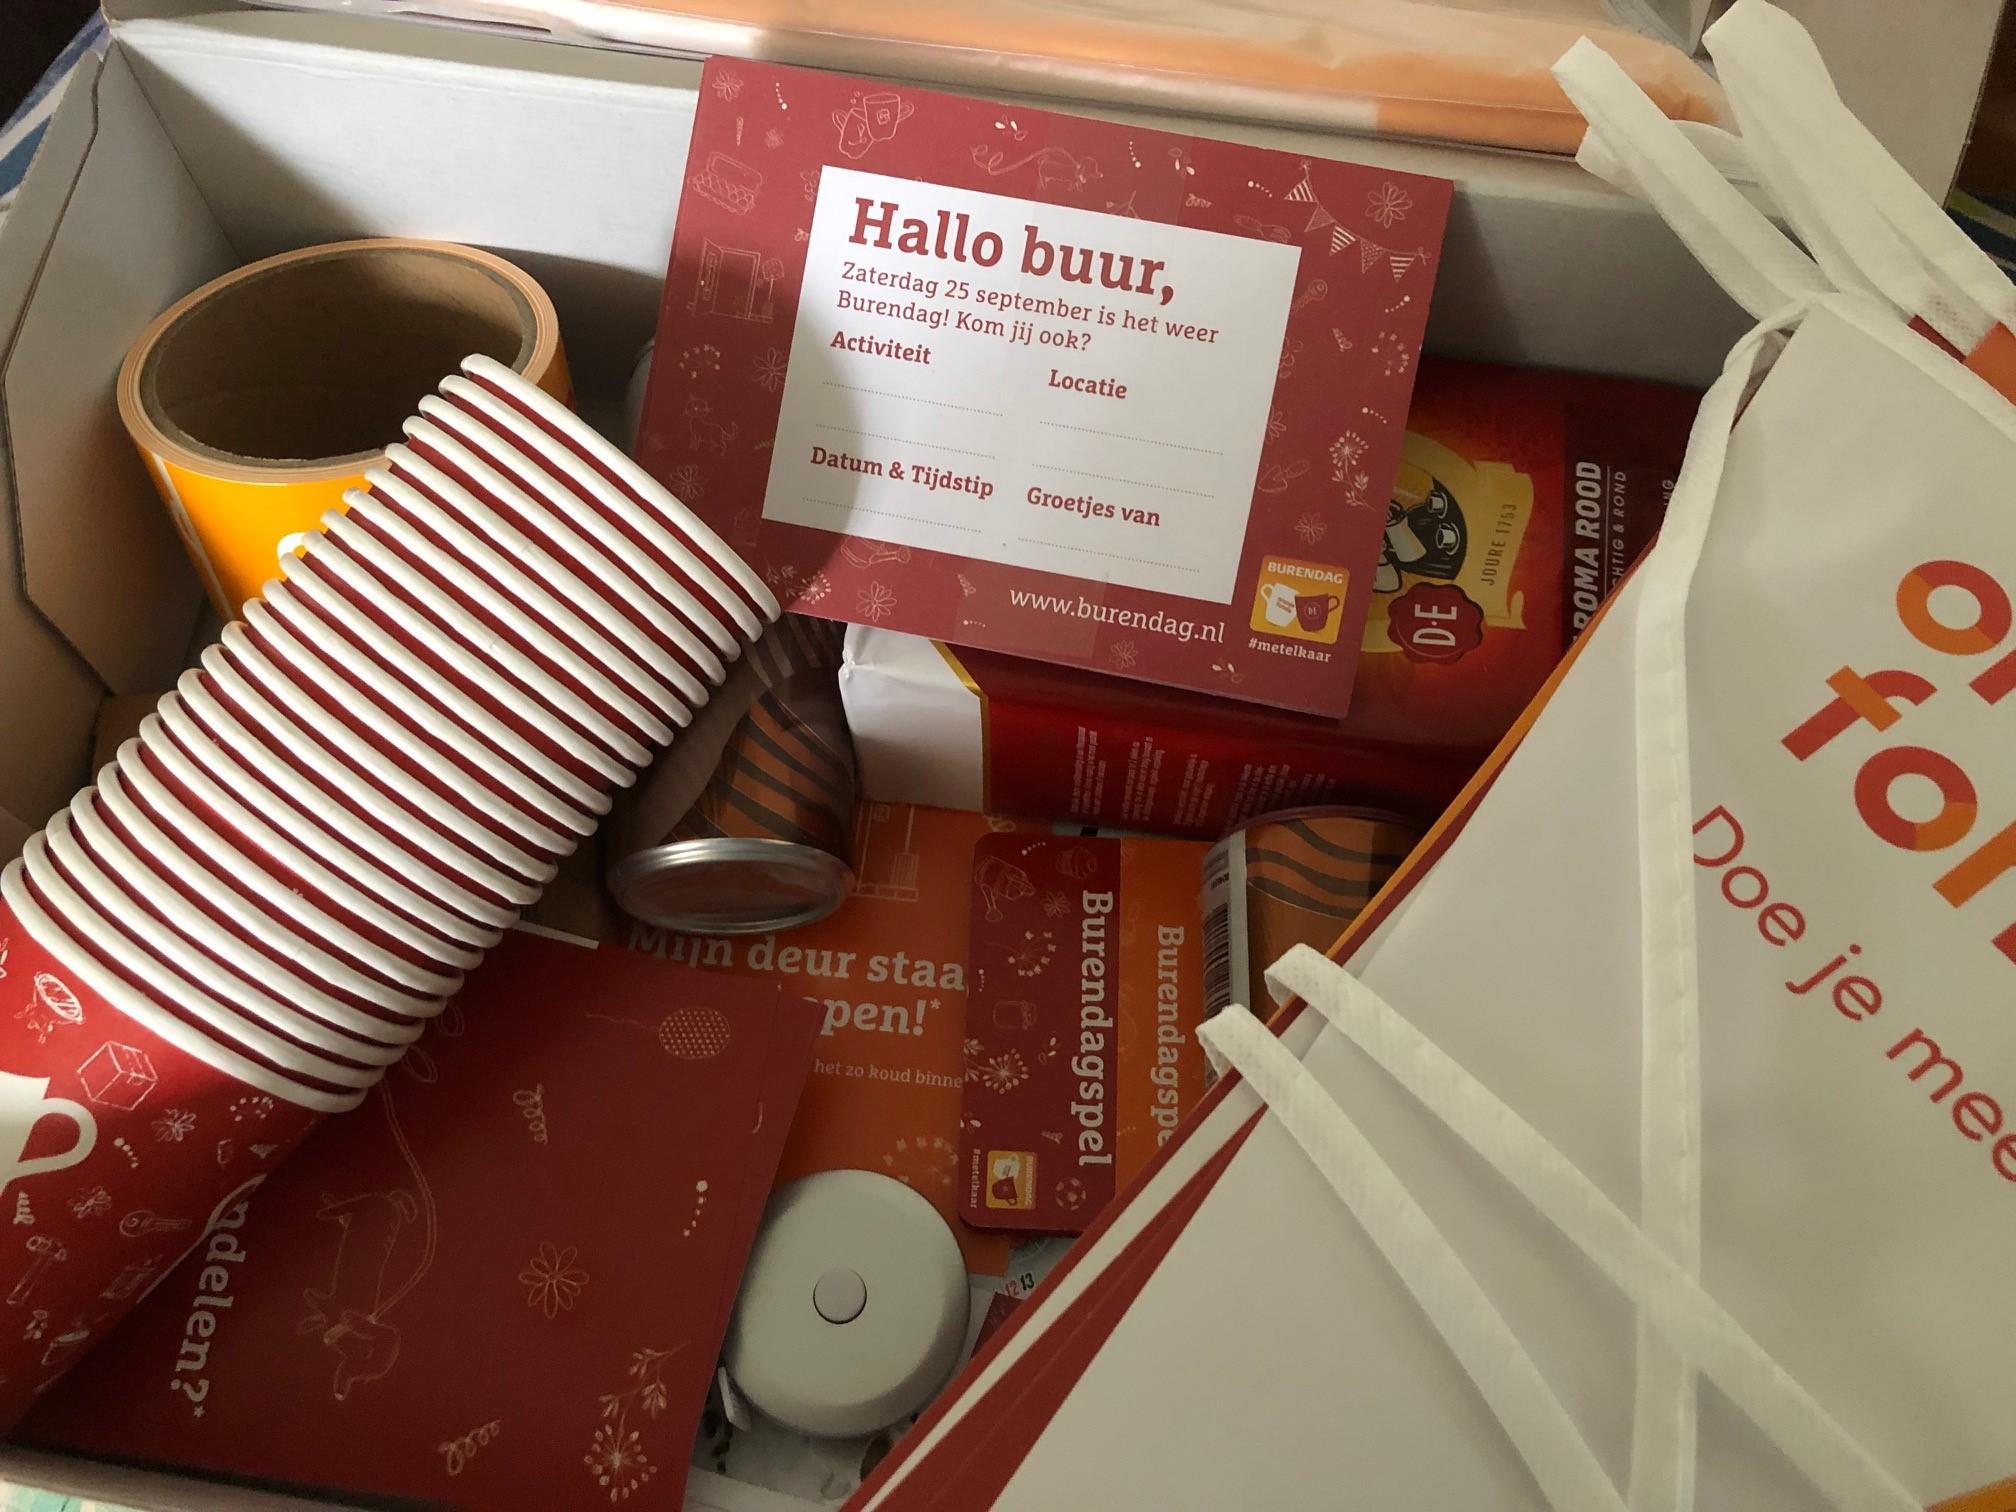 Voetbalvereniging Oldenzaal schenkt koffie op Nationale Burendag